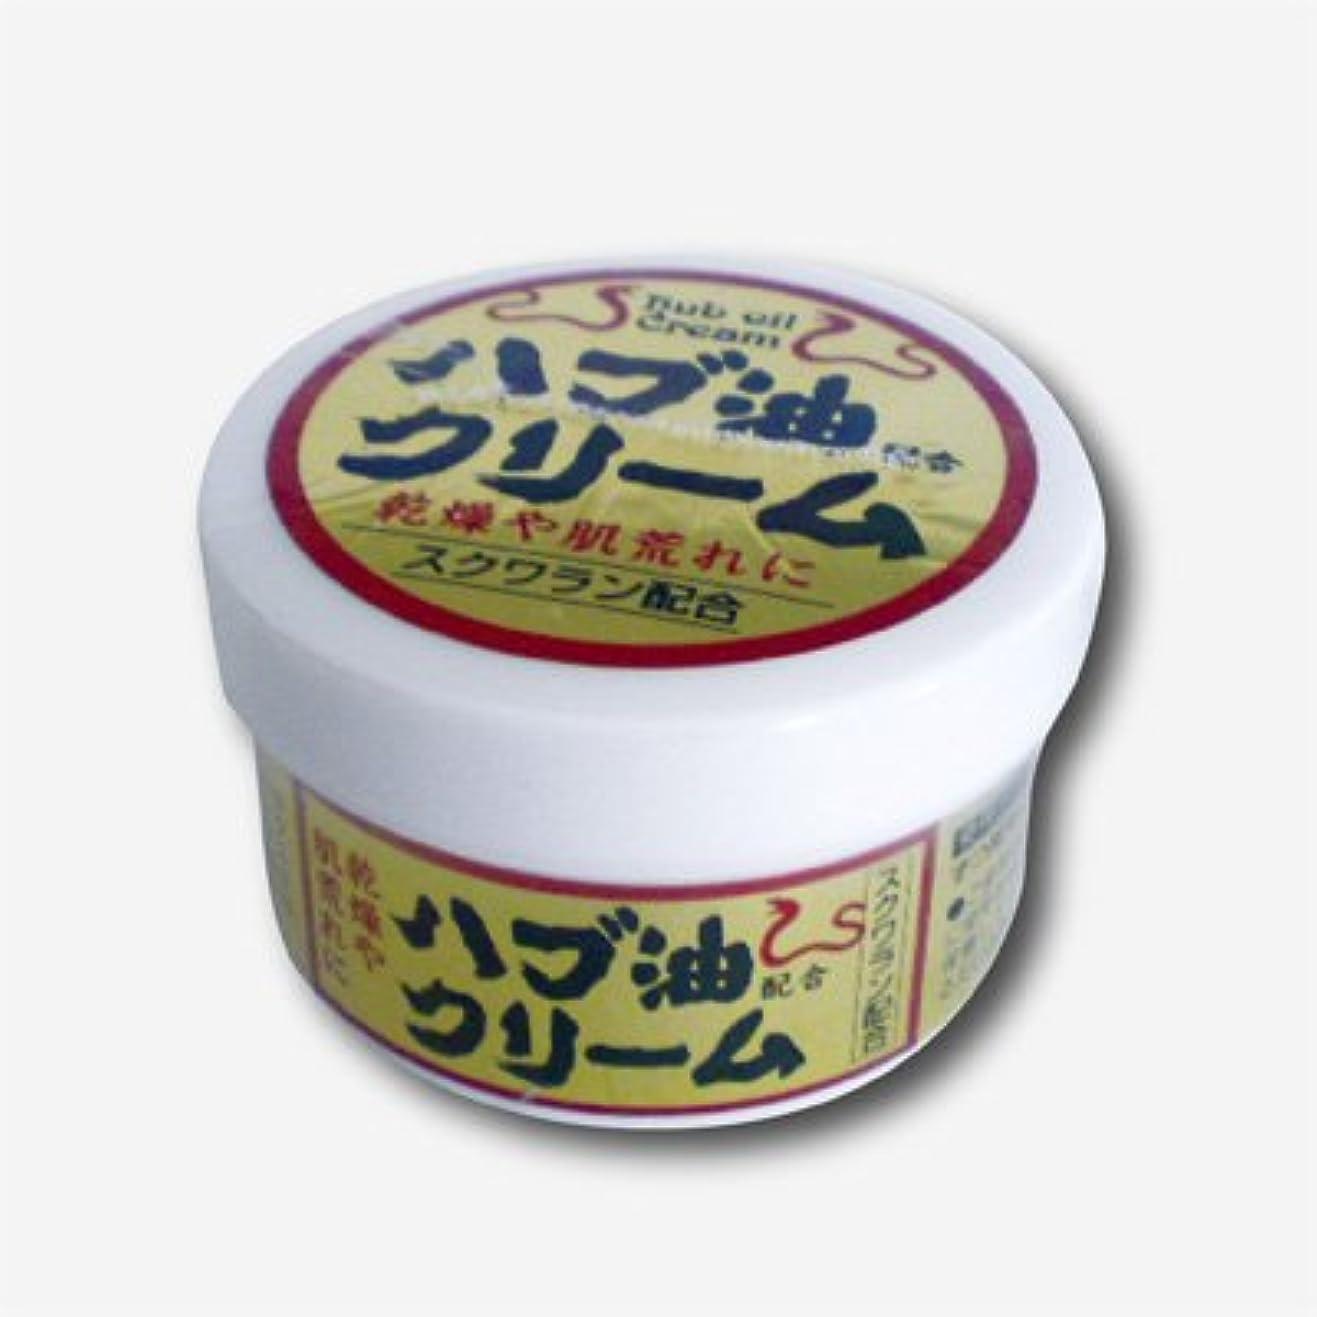 おとなしい突き刺すトリッキーハブ油配合クリーム 1個【1個?50g】